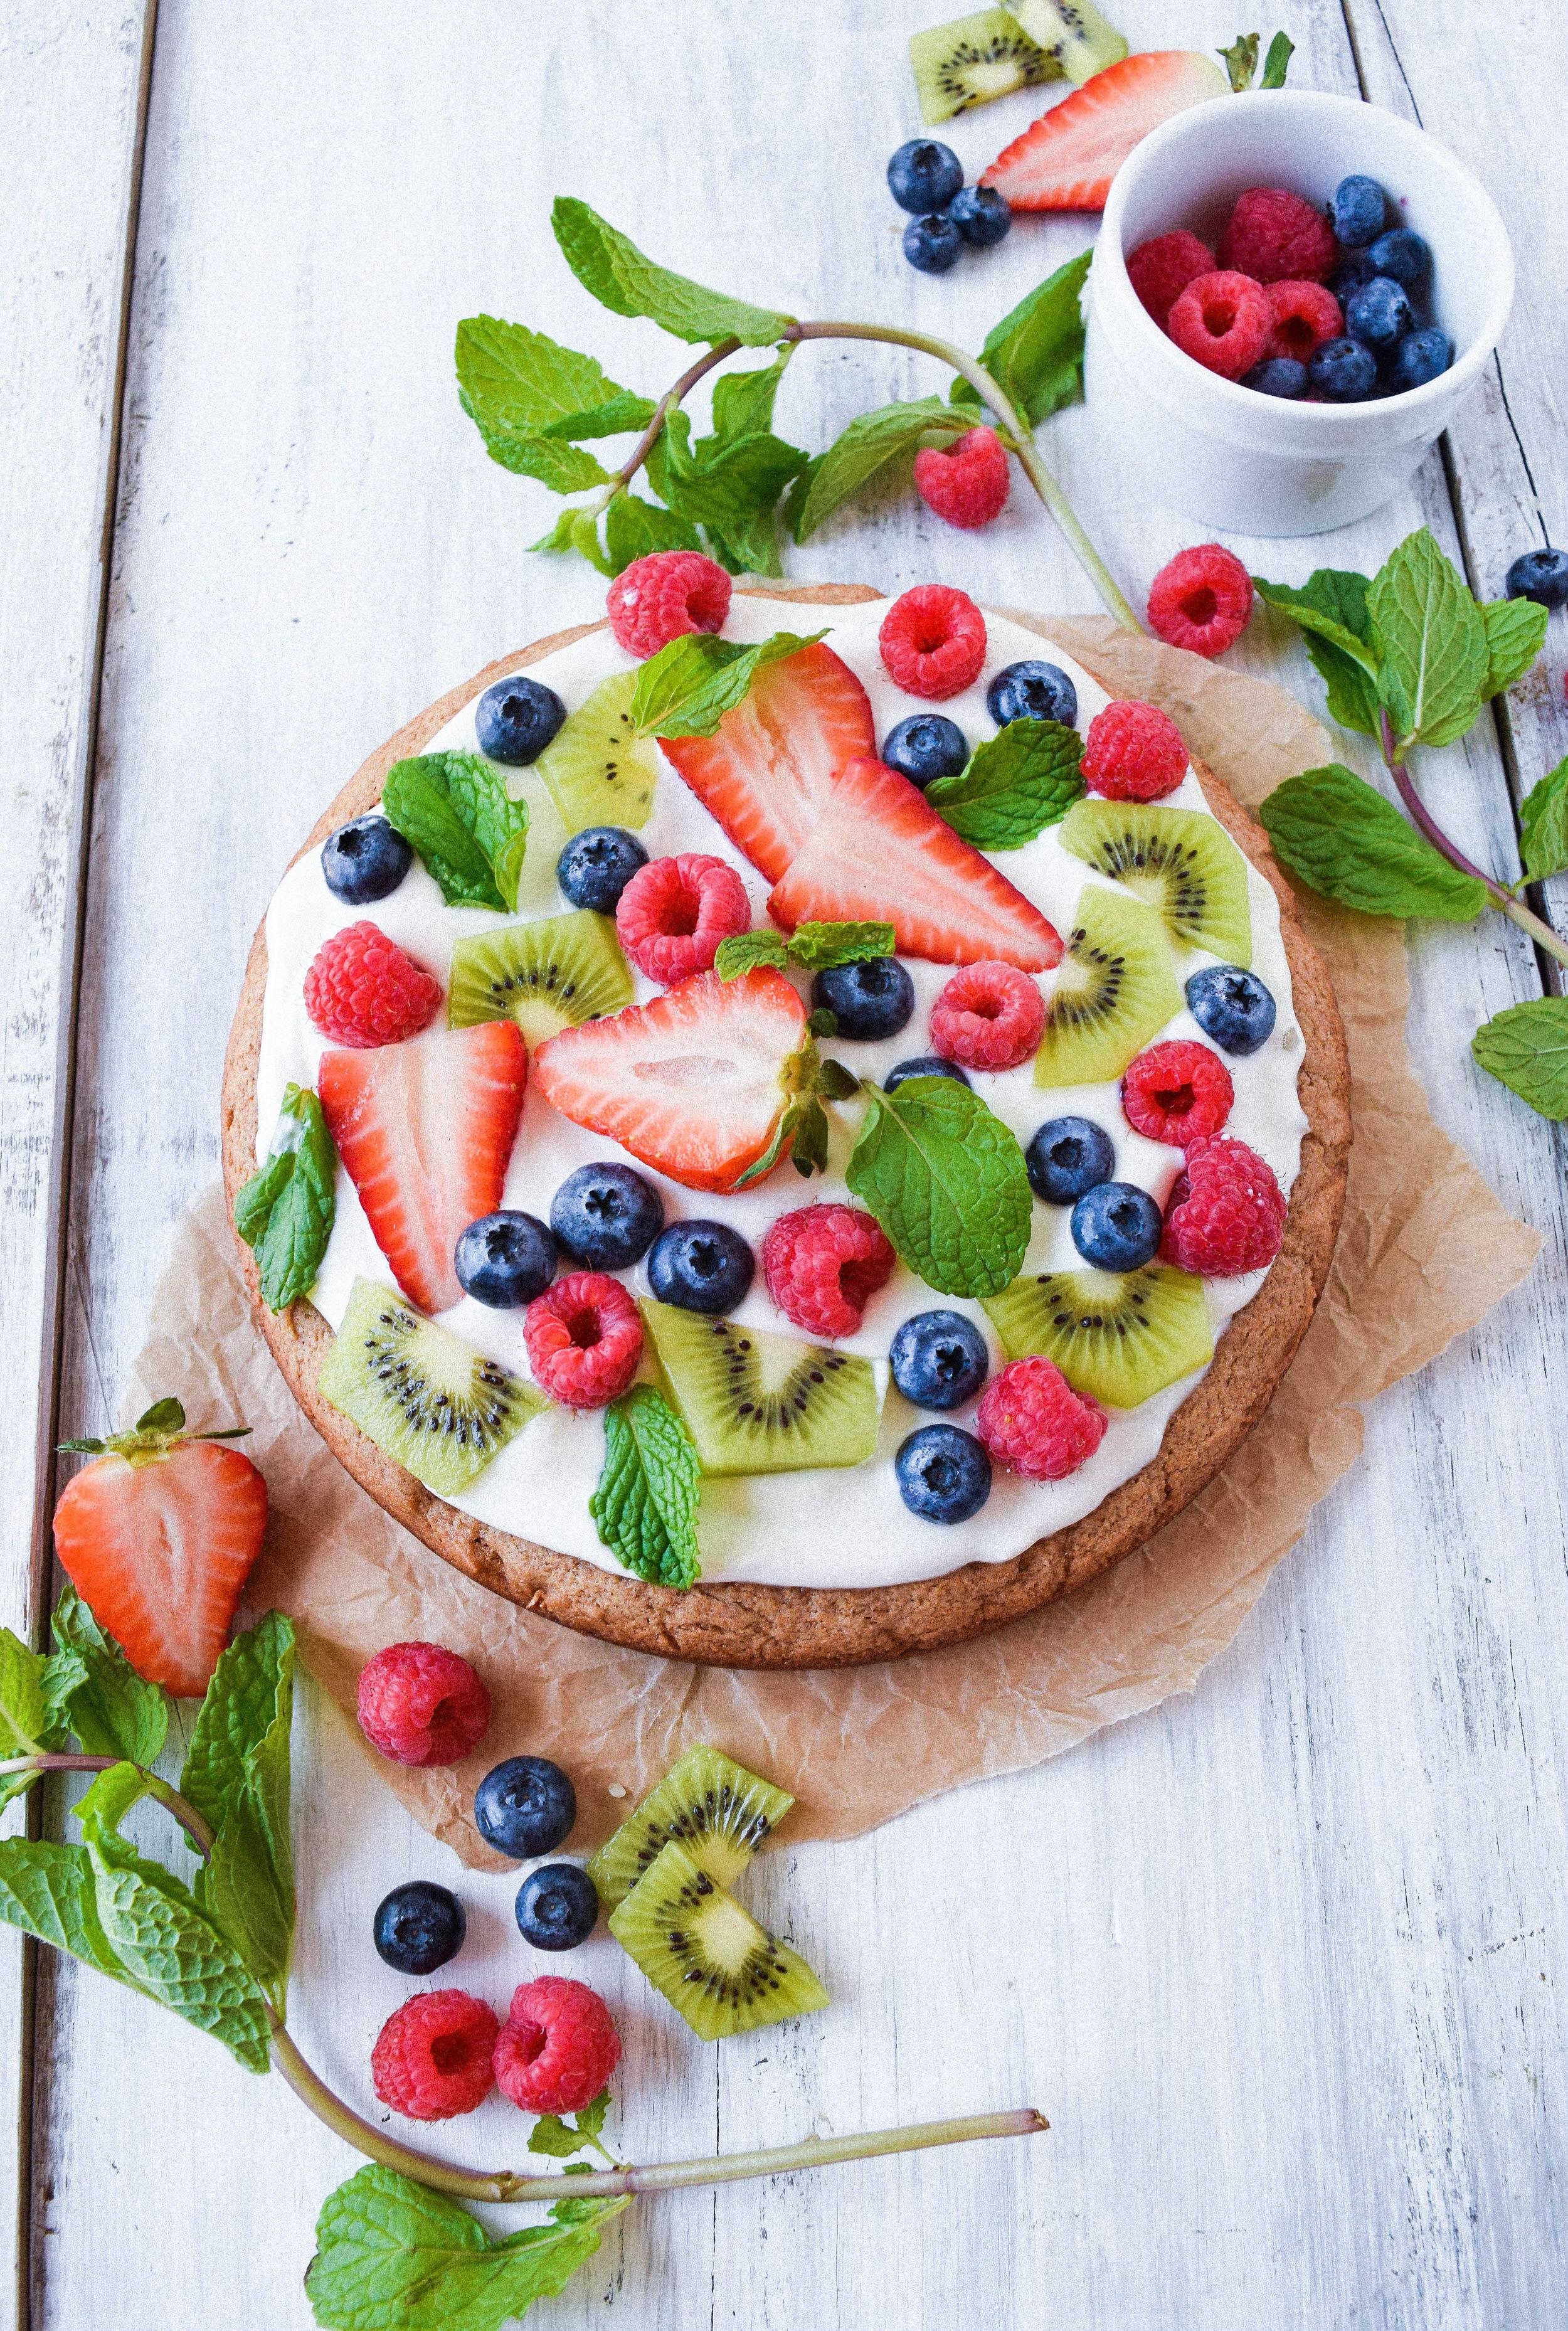 vegan-healthy-sugar-cookie-fresh-fruit-tart.jpg